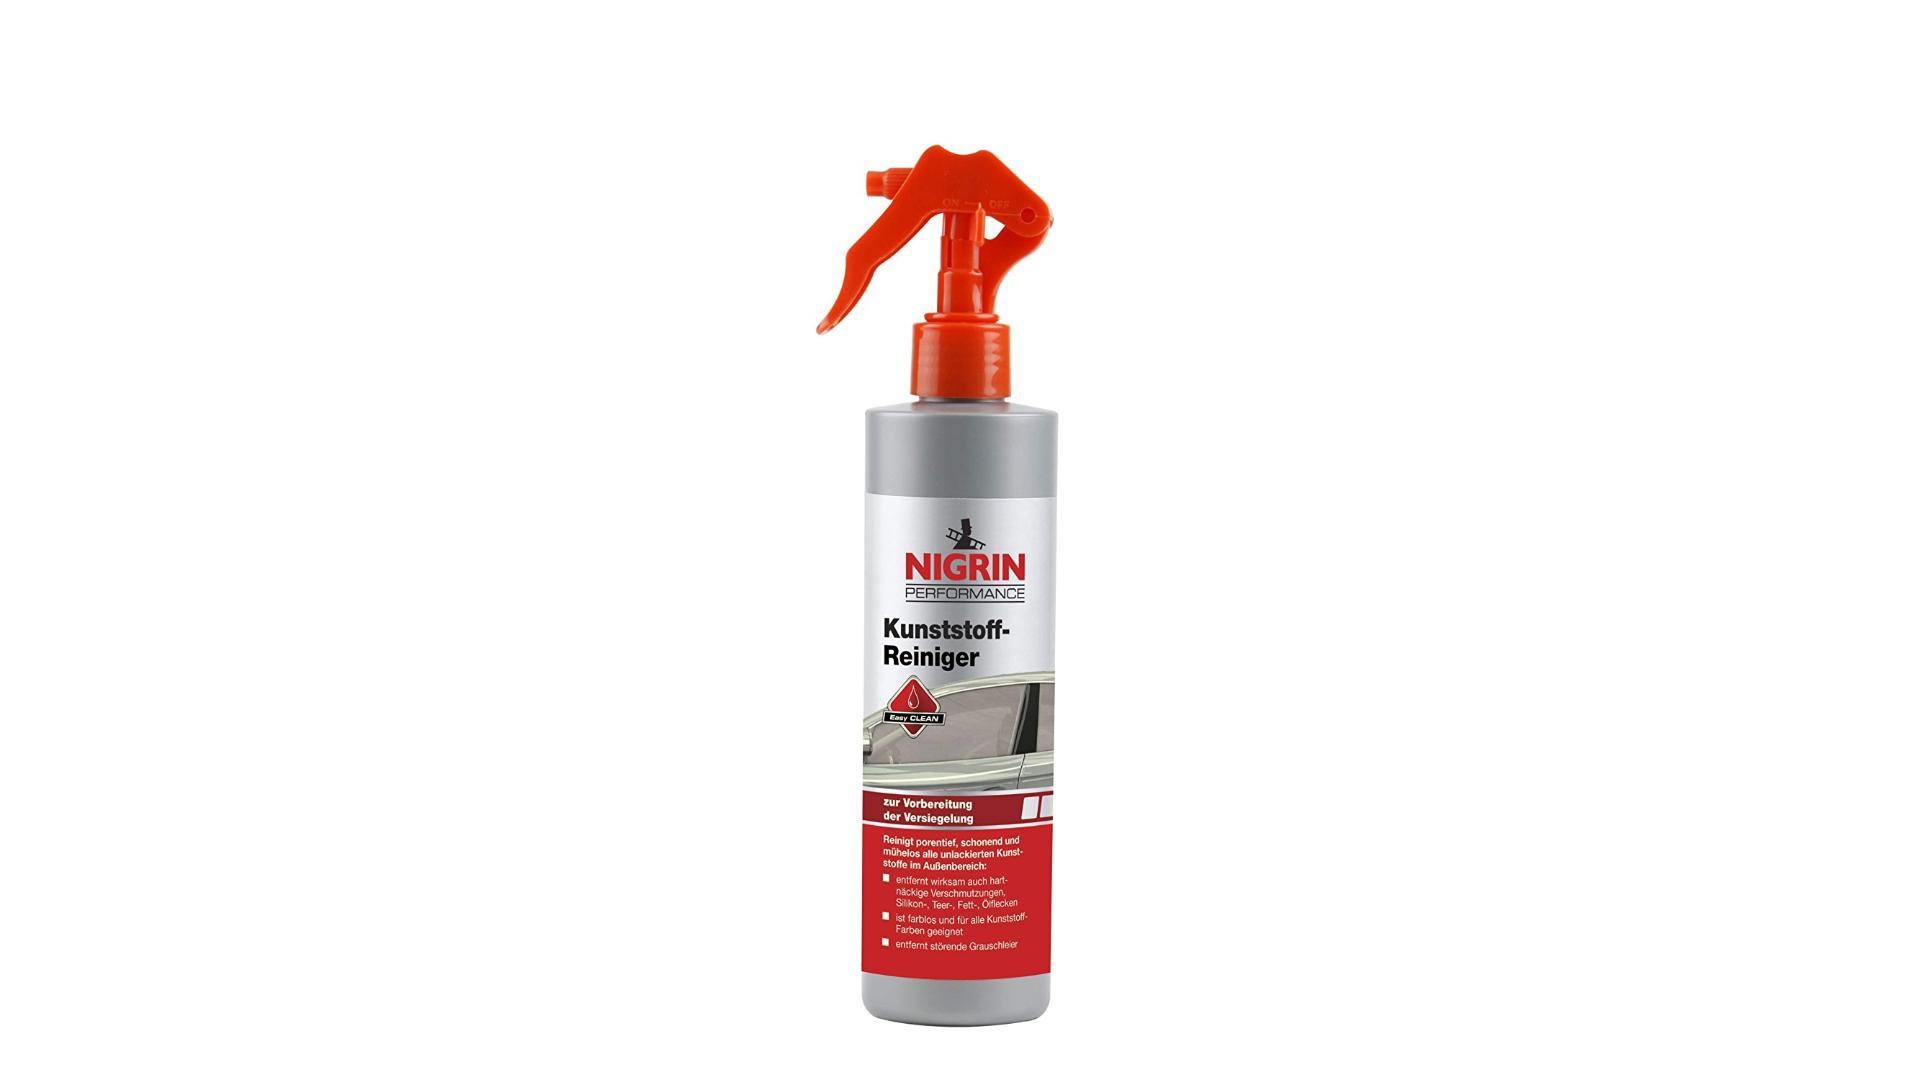 Nigrin Přípravek na čištění a ochranu plastů 300ml